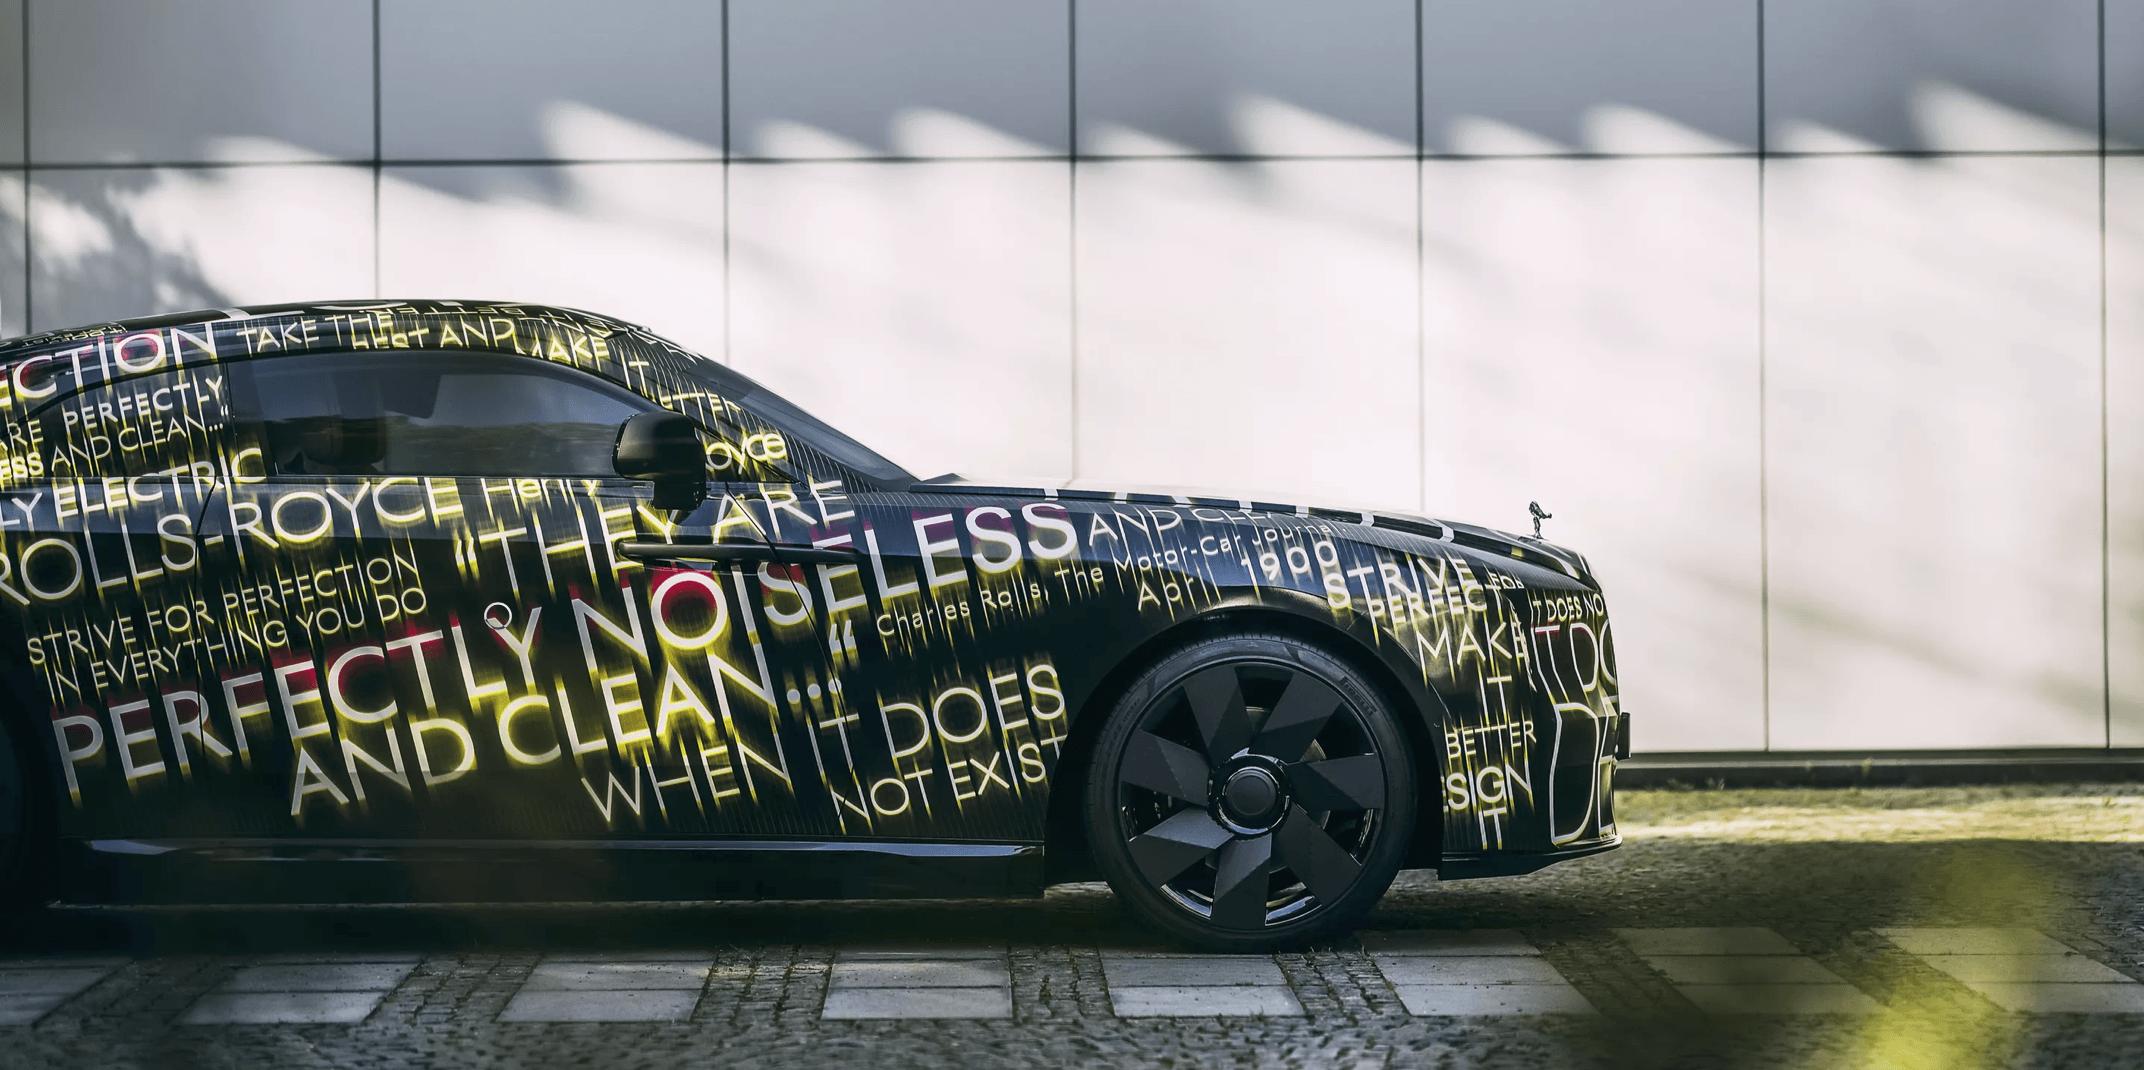 Rolls-Royce показала концепт свого першого електромобіля Spectre - transport, tech, news